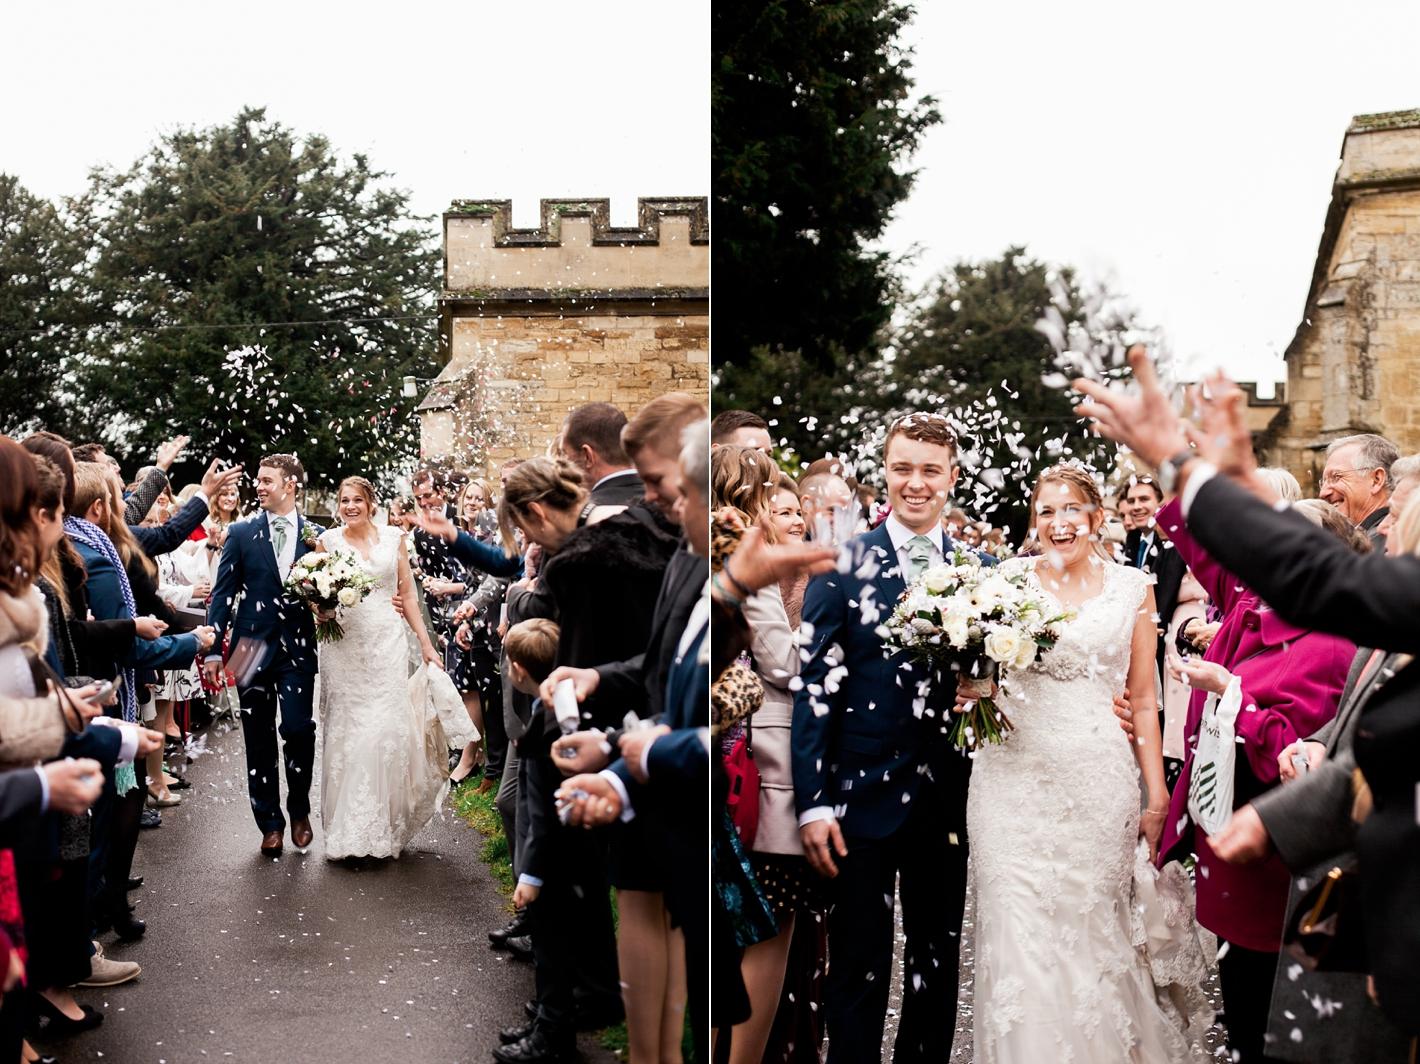 Emily + Tom wedding photography Hampshire Wedding Photographer Lilybean Photography 15